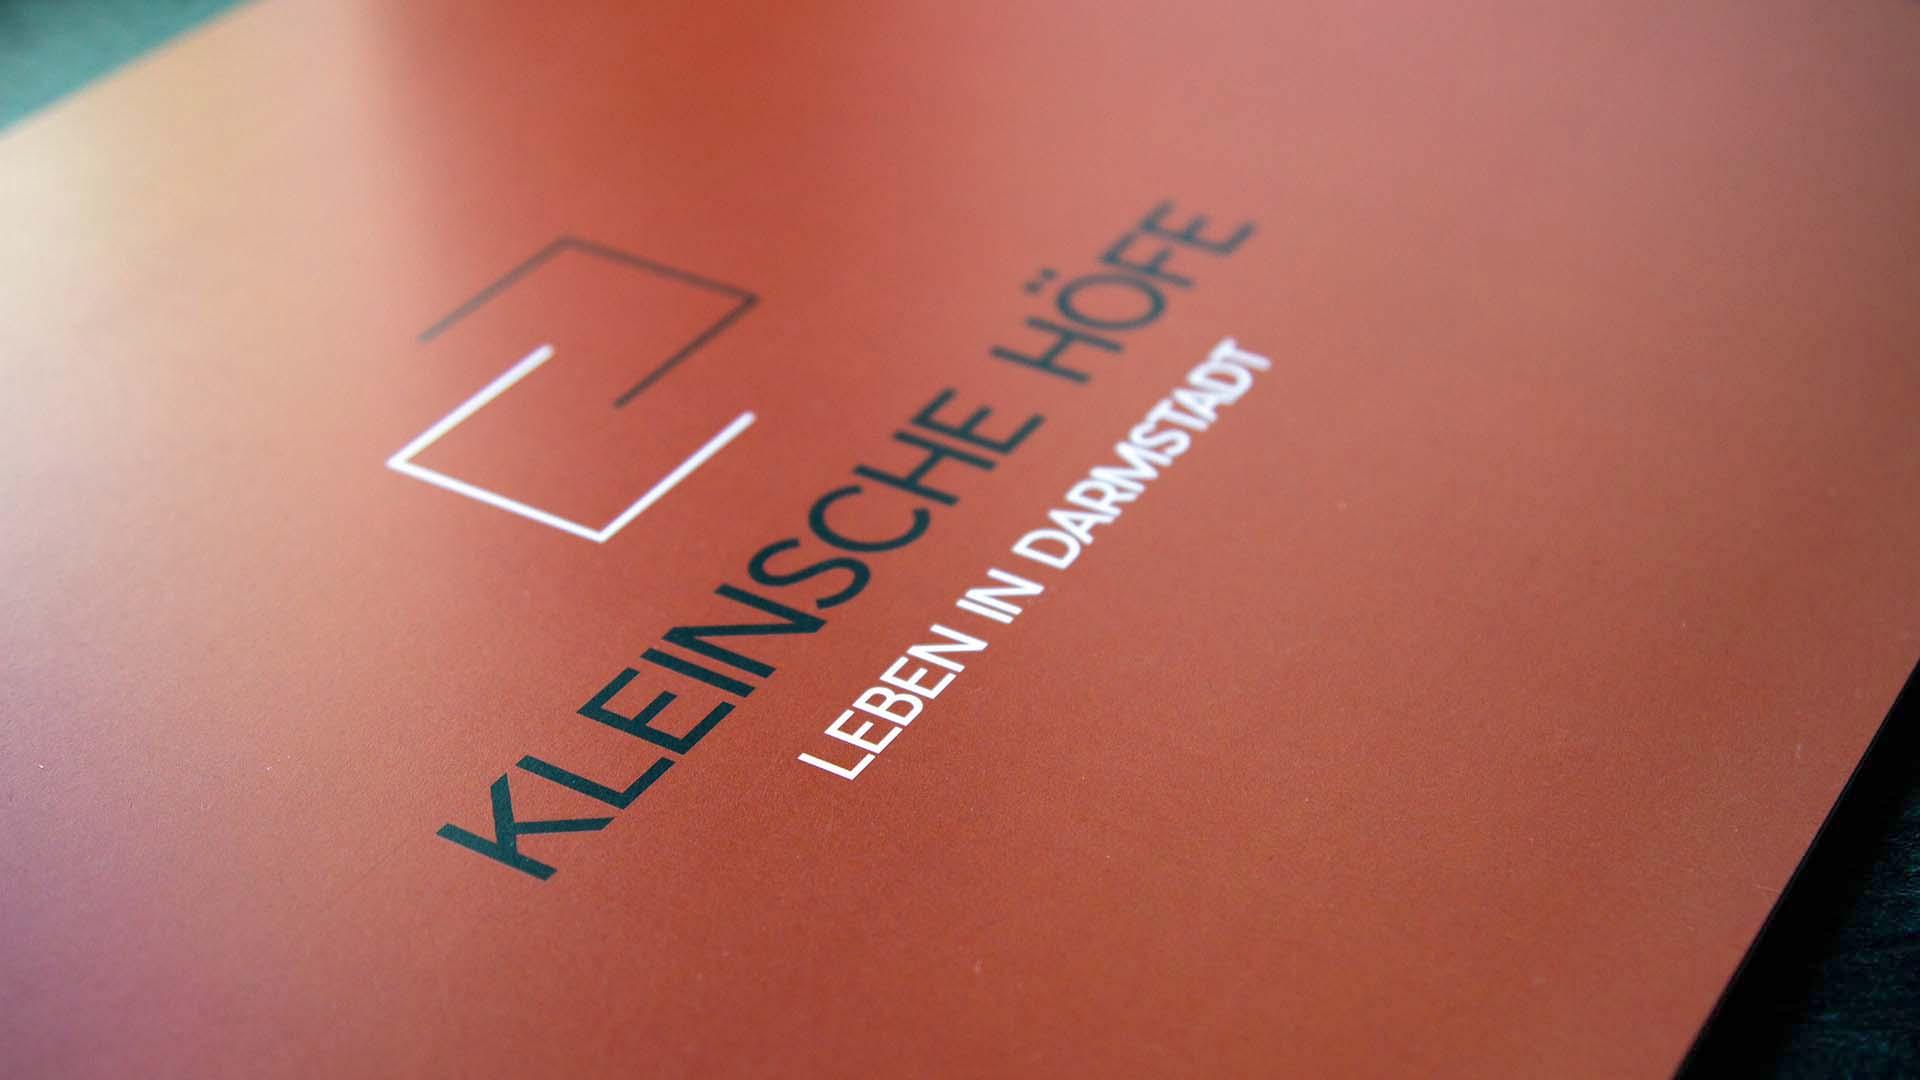 IberImmobilien_KleinscheHoefe_Expose_Cover